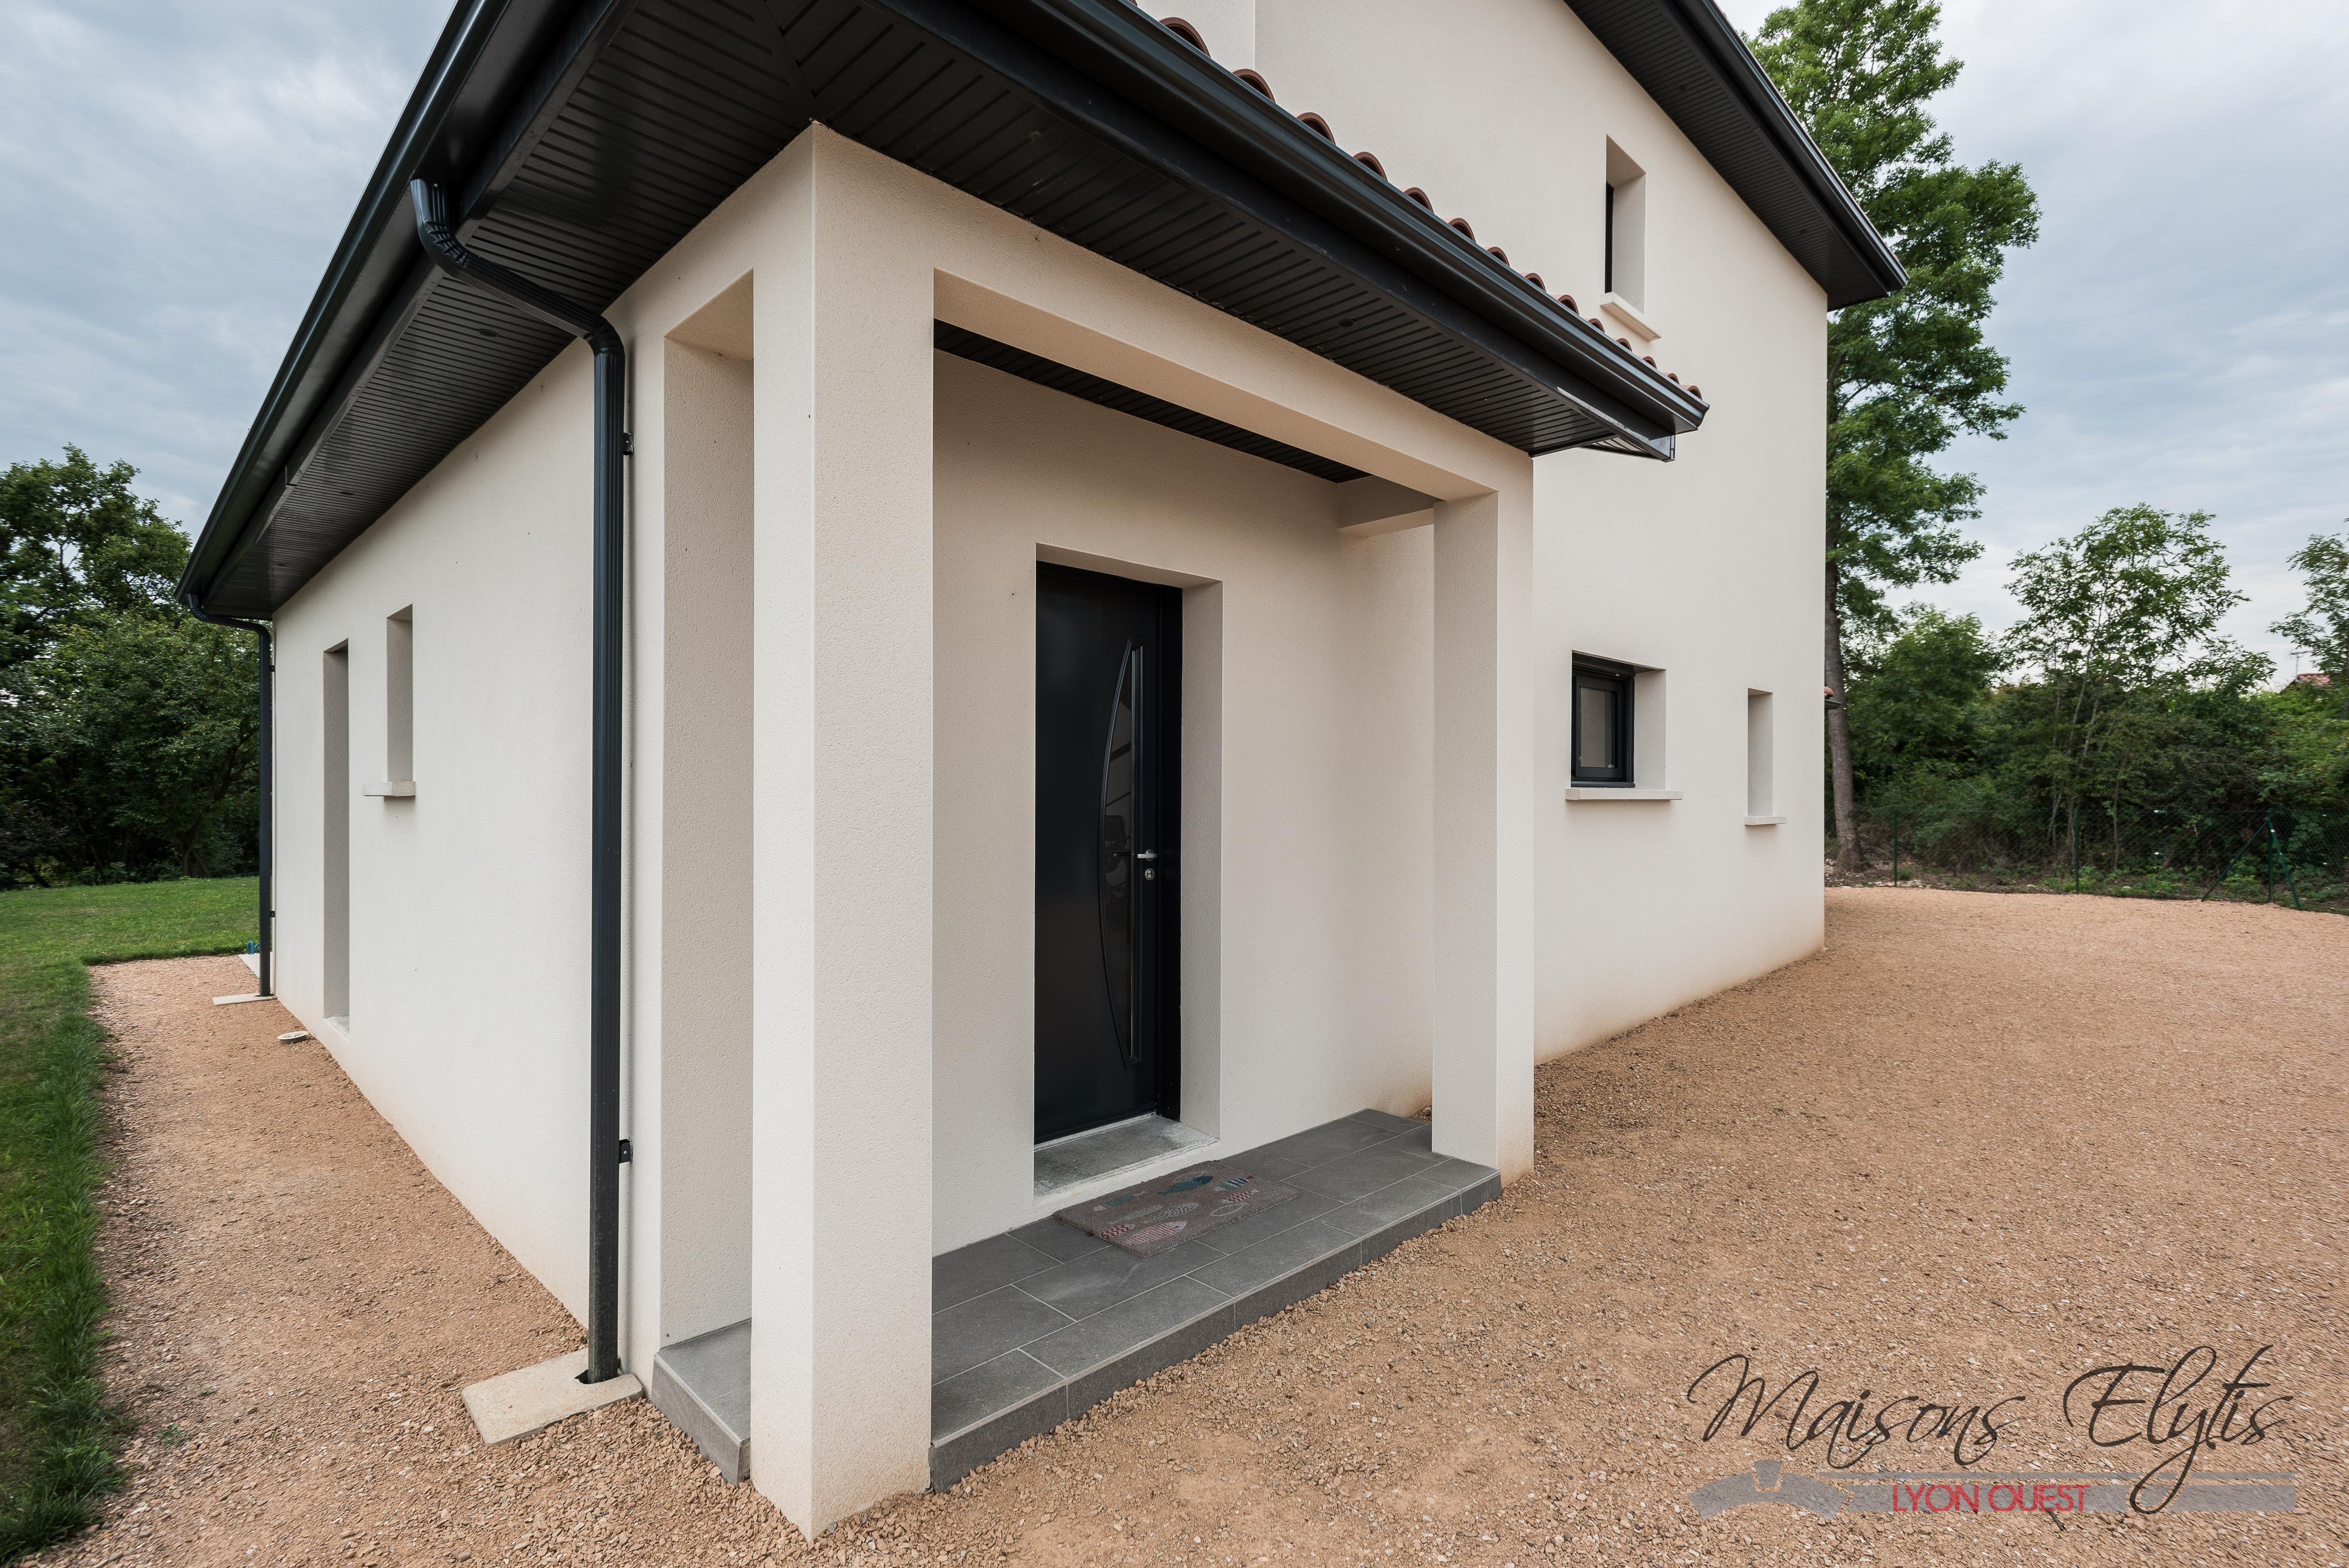 Maisons passives maisons elytis lyon ouest for Constructeur maison lyon